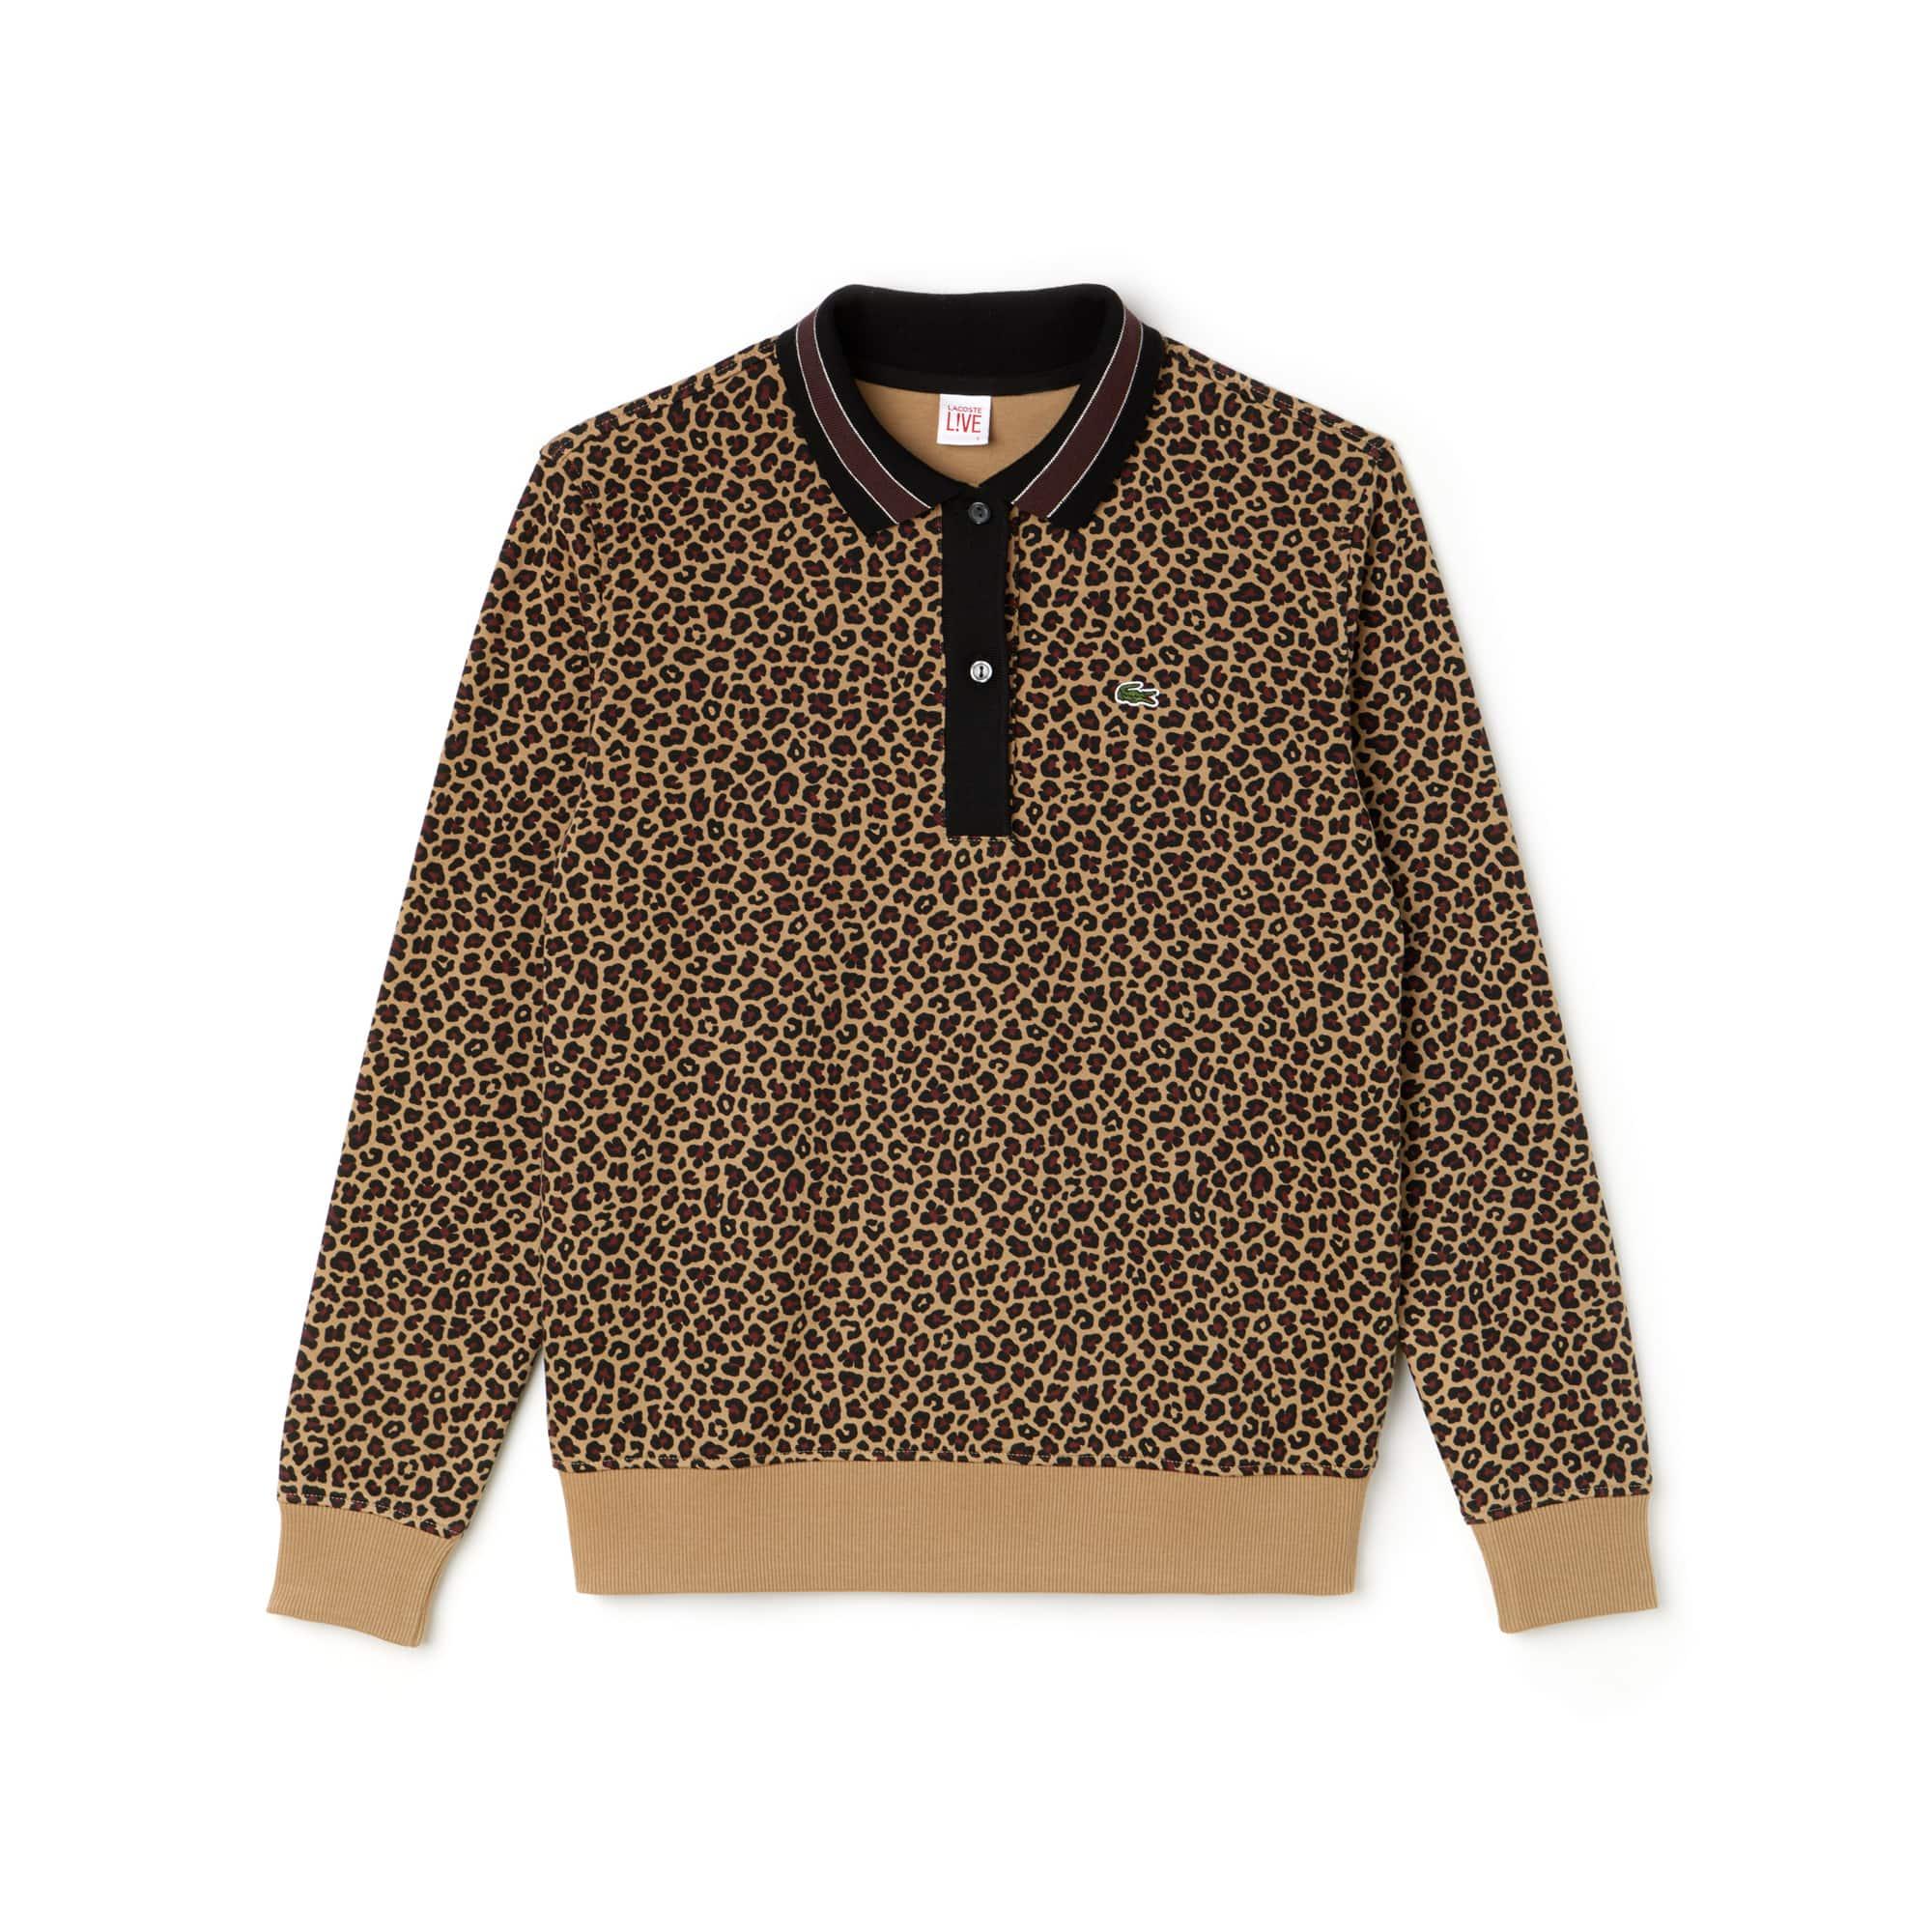 Polo boxy fit Lacoste LIVE en interlock de coton imprimé léopard